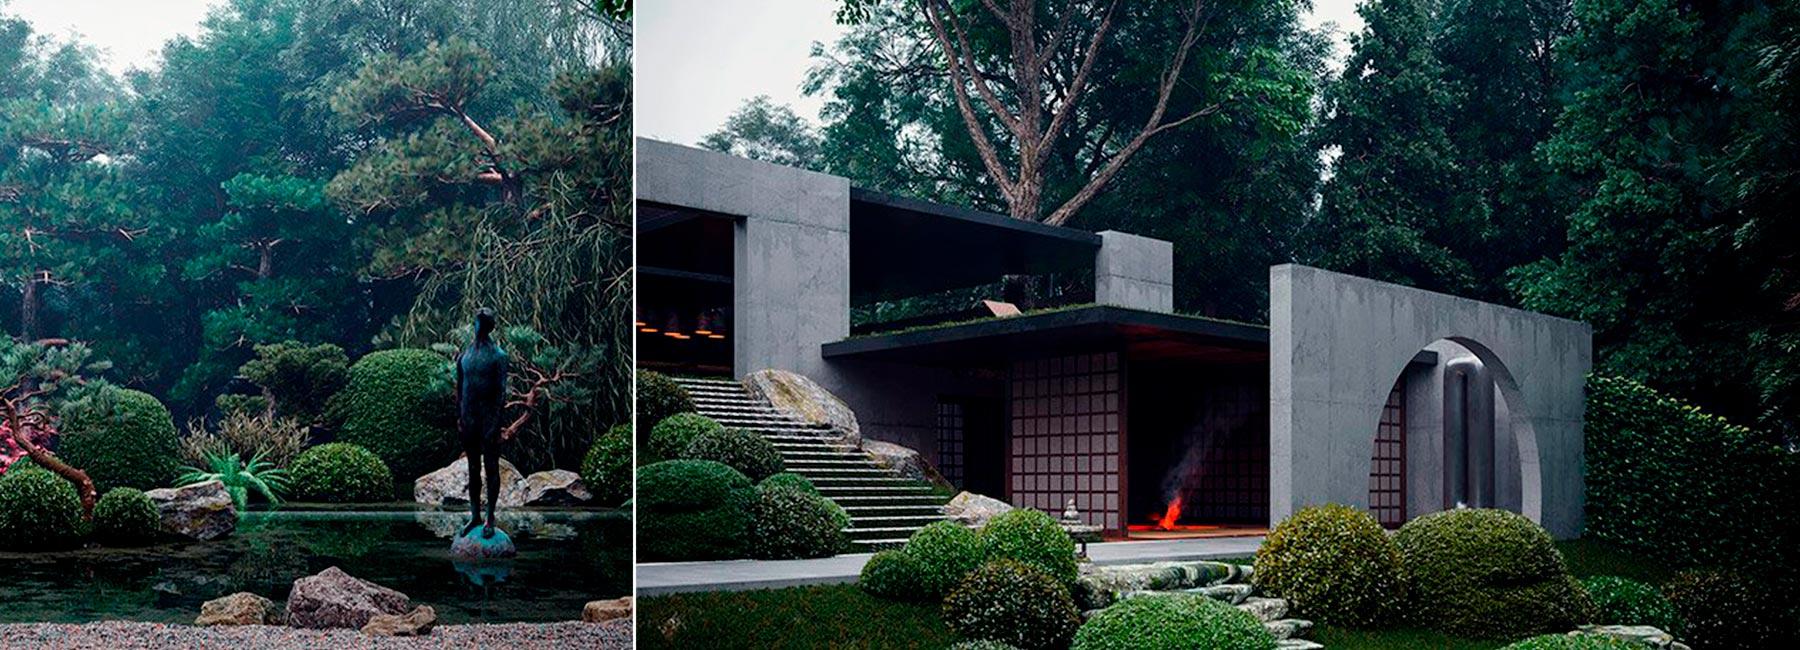 Частная резиденция с японским садом по проекту Сергея Махно